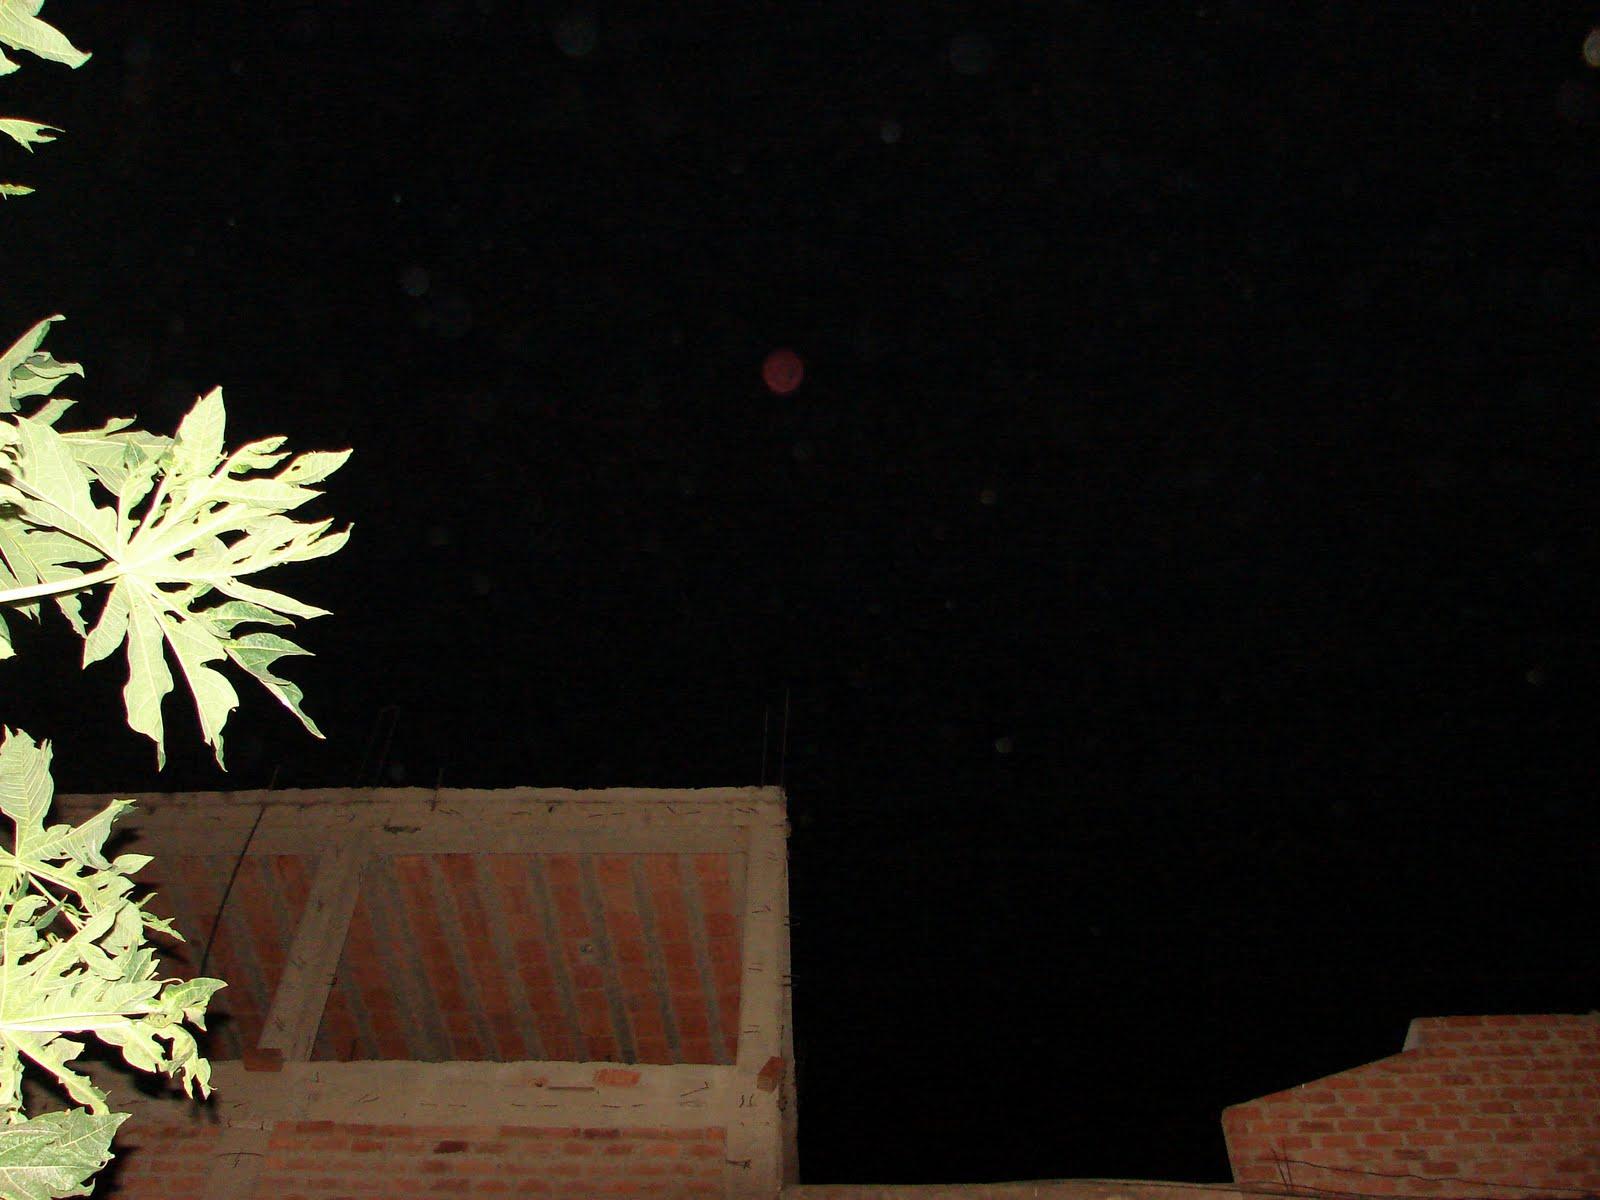 Atencion-8-Marzo-9-10-11-12-13...2011 ovnis esferas frente mio sec ufo 3:30 am hoy ahorita...